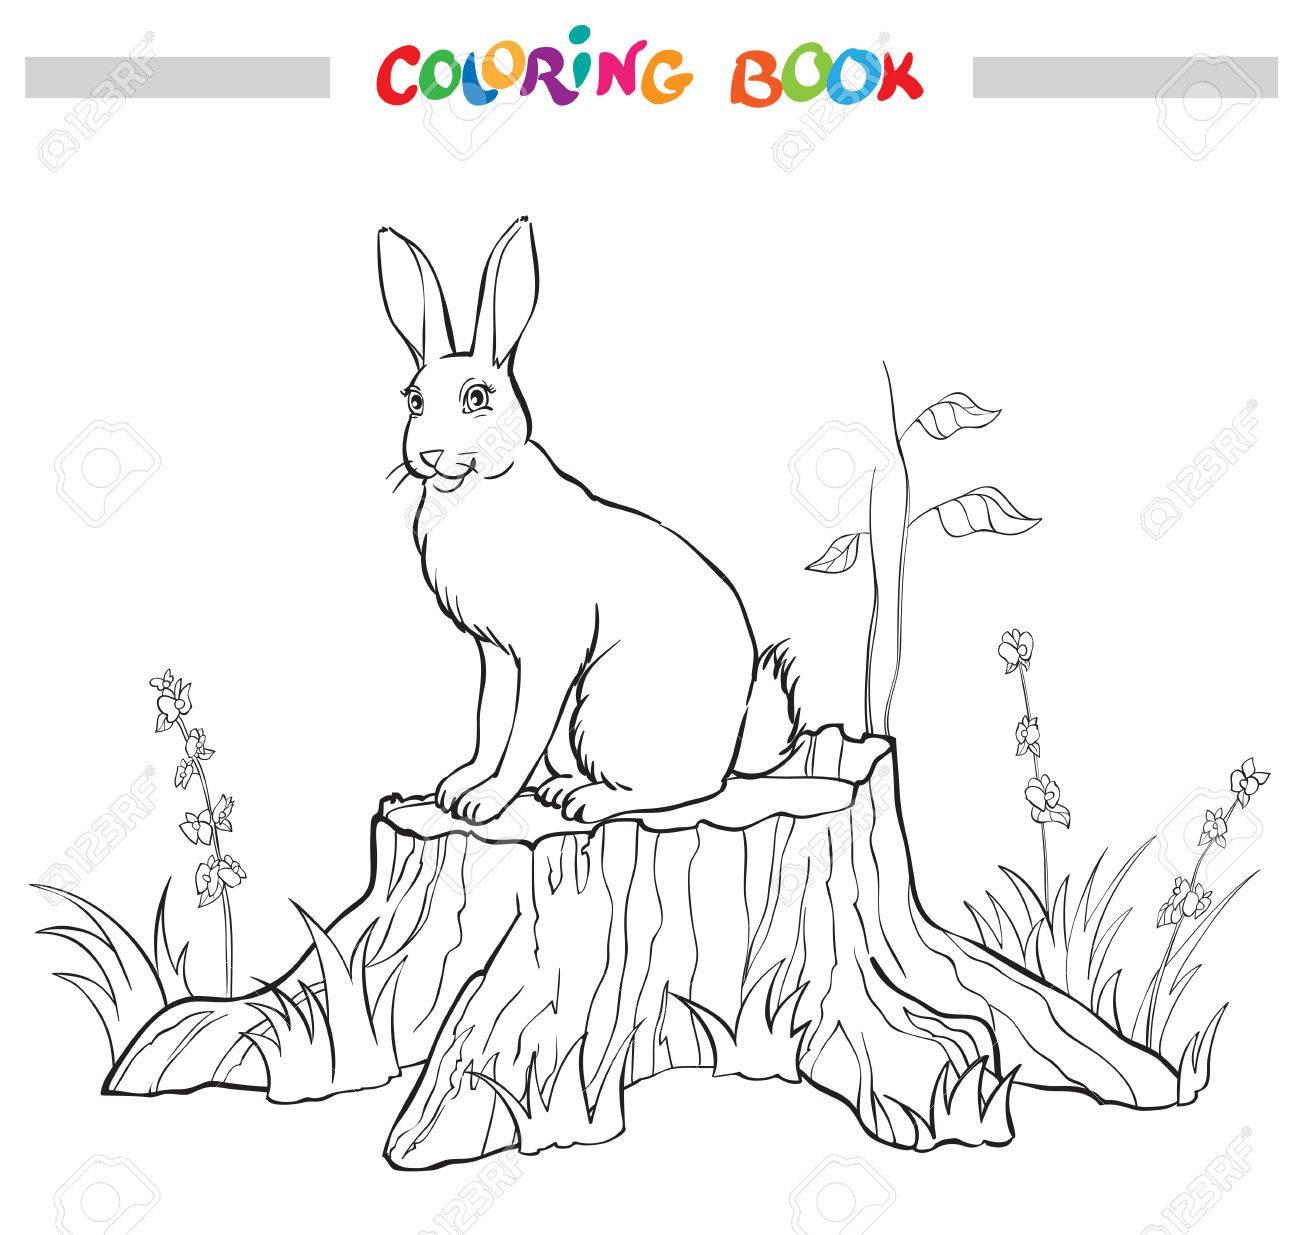 Libro Para Colorear Con Conejo En El Muñón La Flor Y La Hierba Ilustración Vectorial